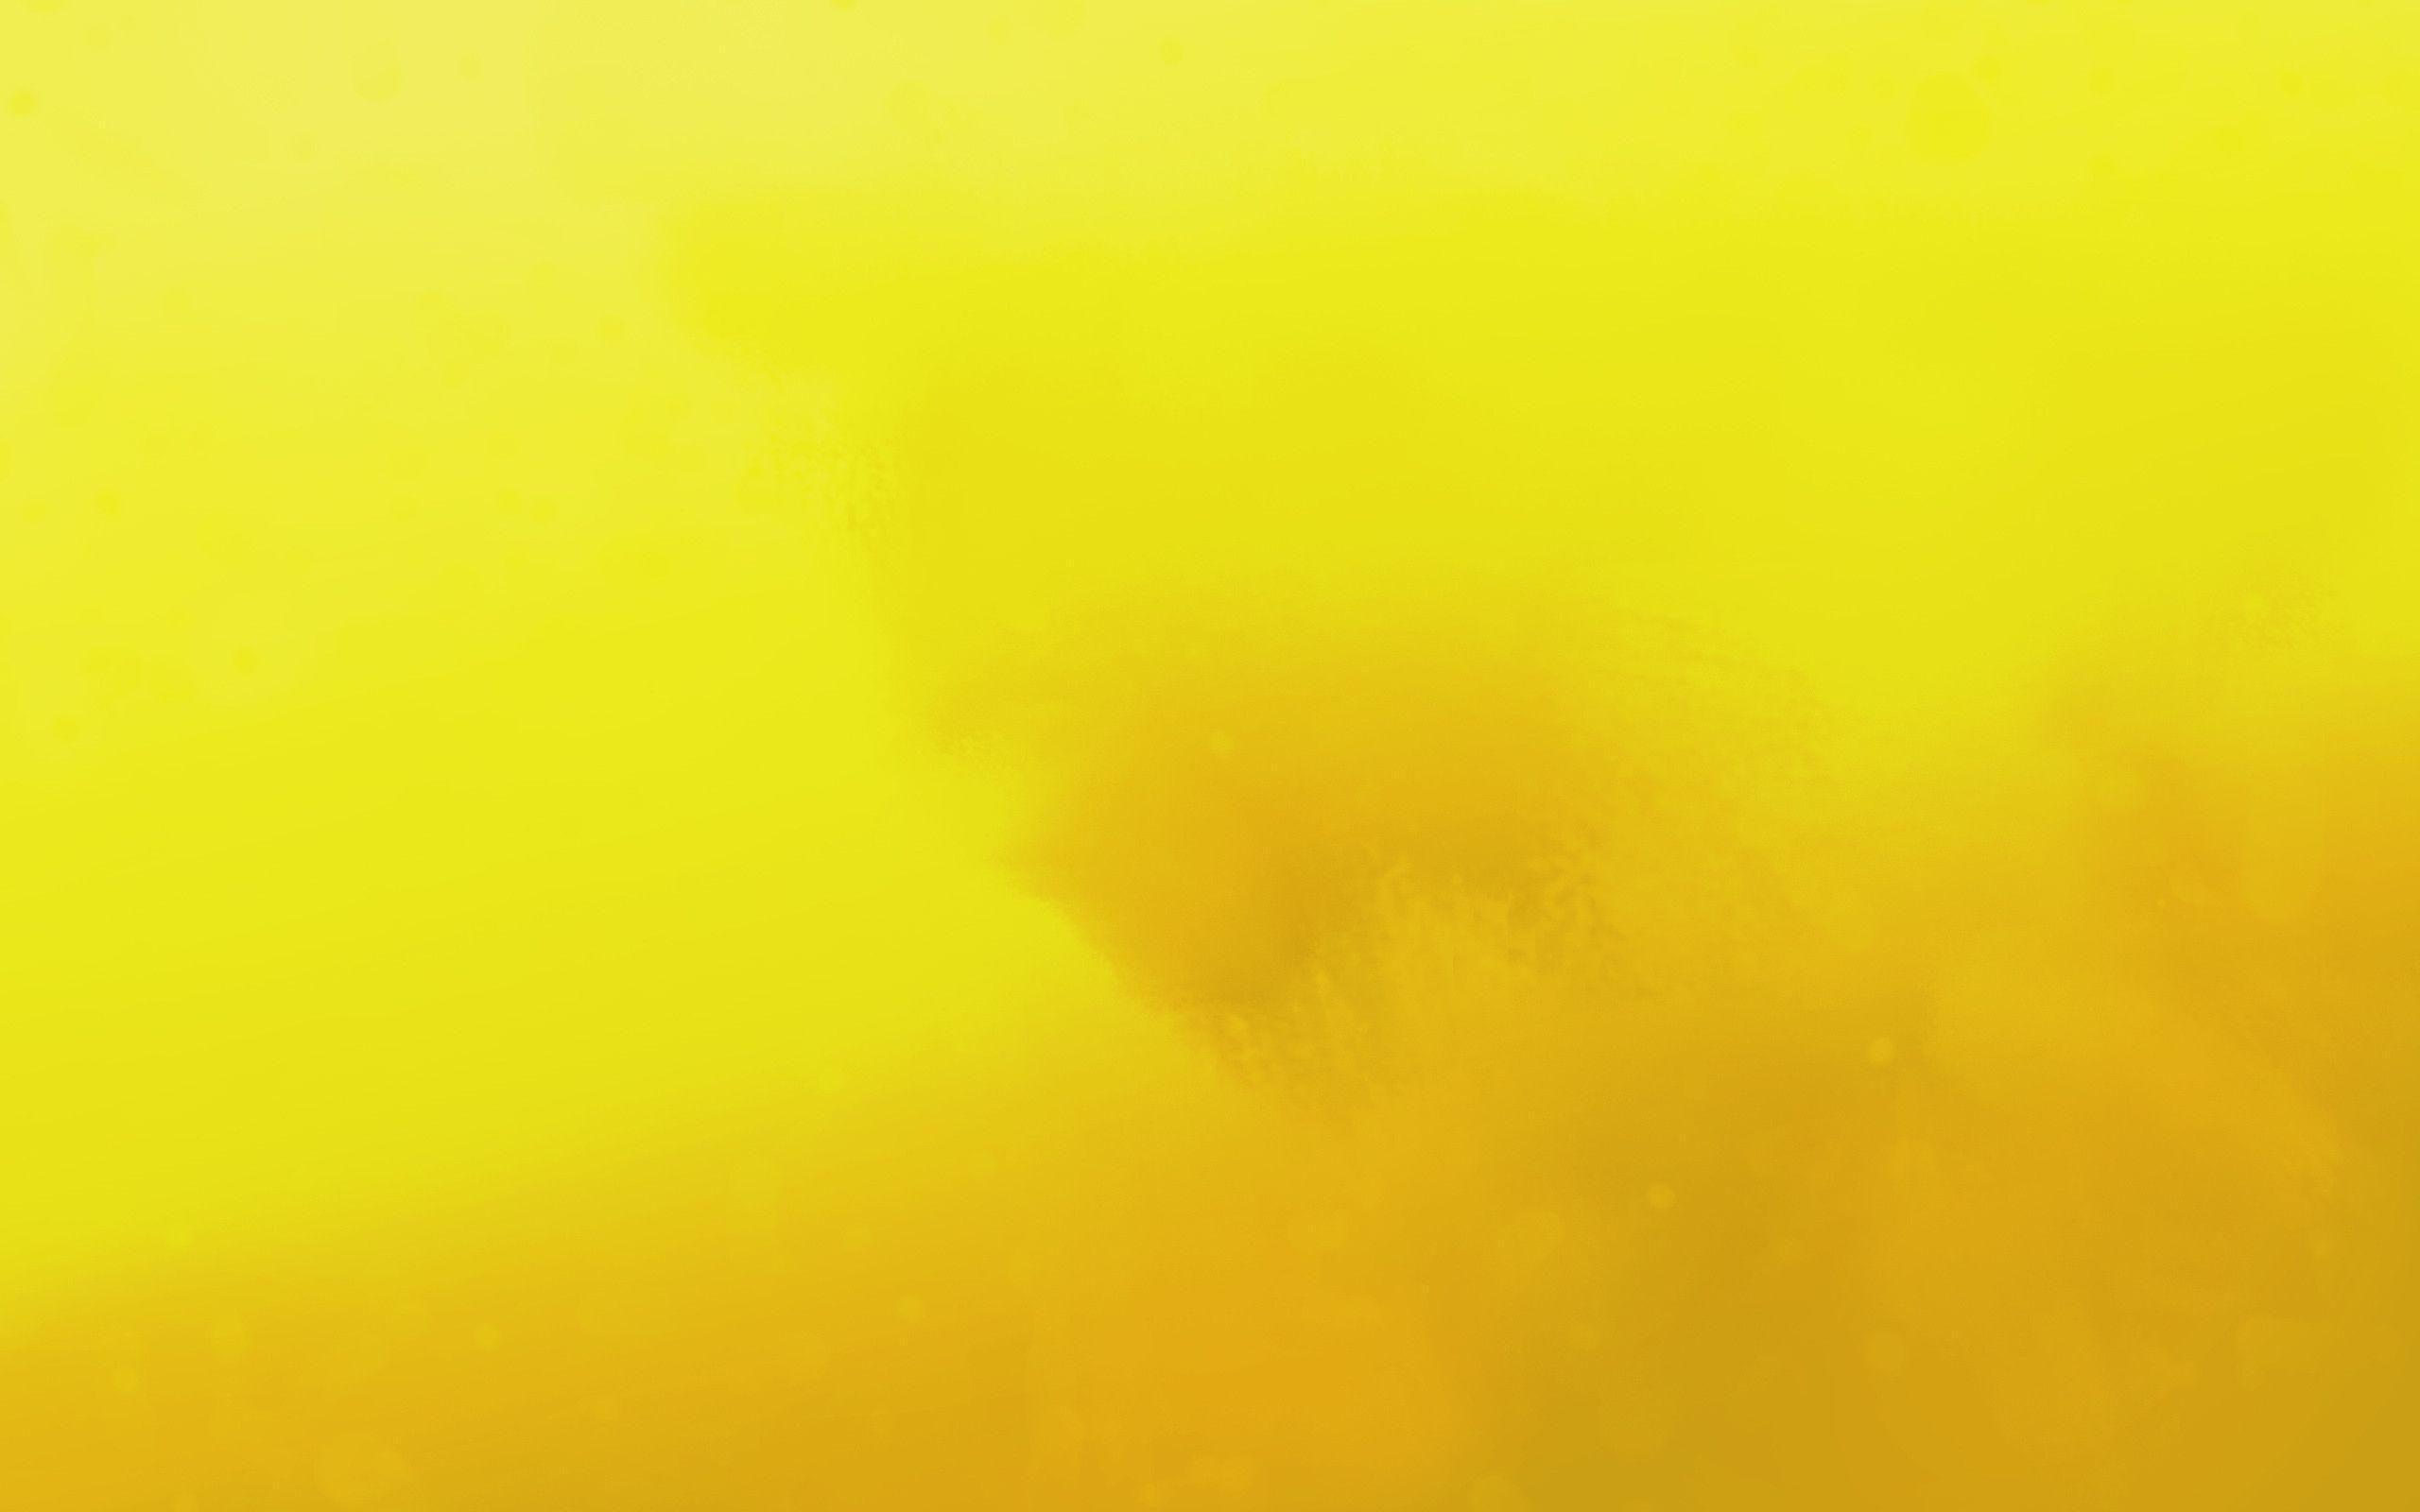 Yellow Laptop Wallpaper In 2020 Aesthetic Desktop Wallpaper Yellow Aesthetic Yellow Wallpaper